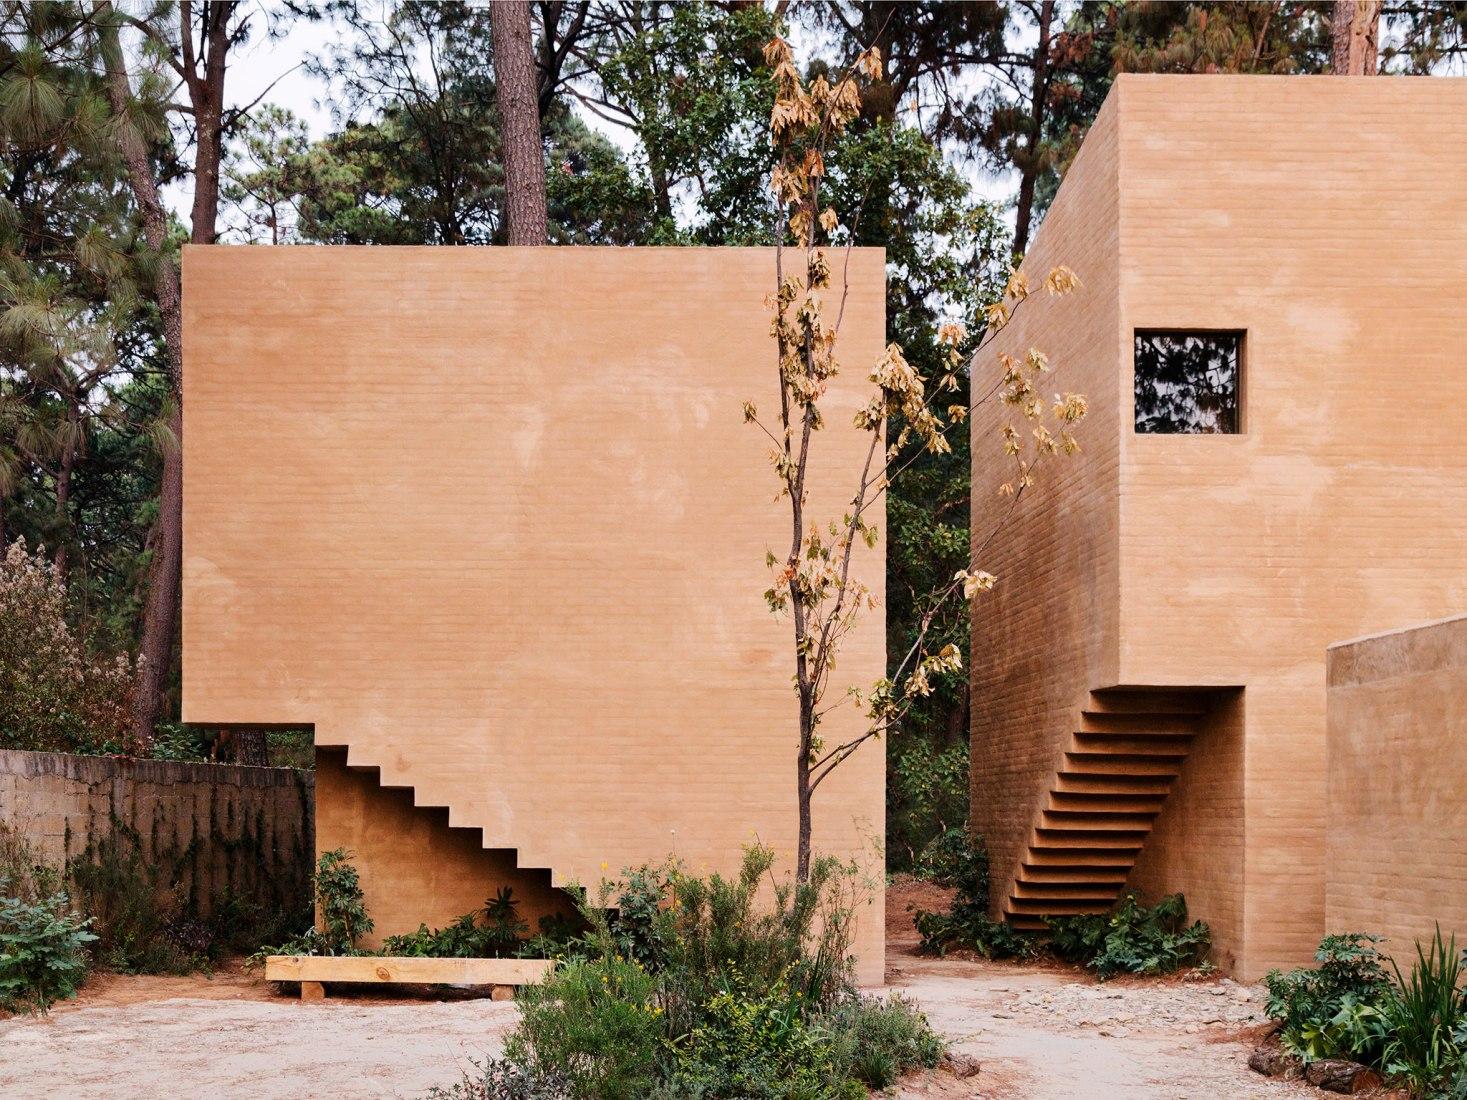 Vista exterior. Entre pinos por Taller Héctor Barroso. Fotografía por Rory Gardiner